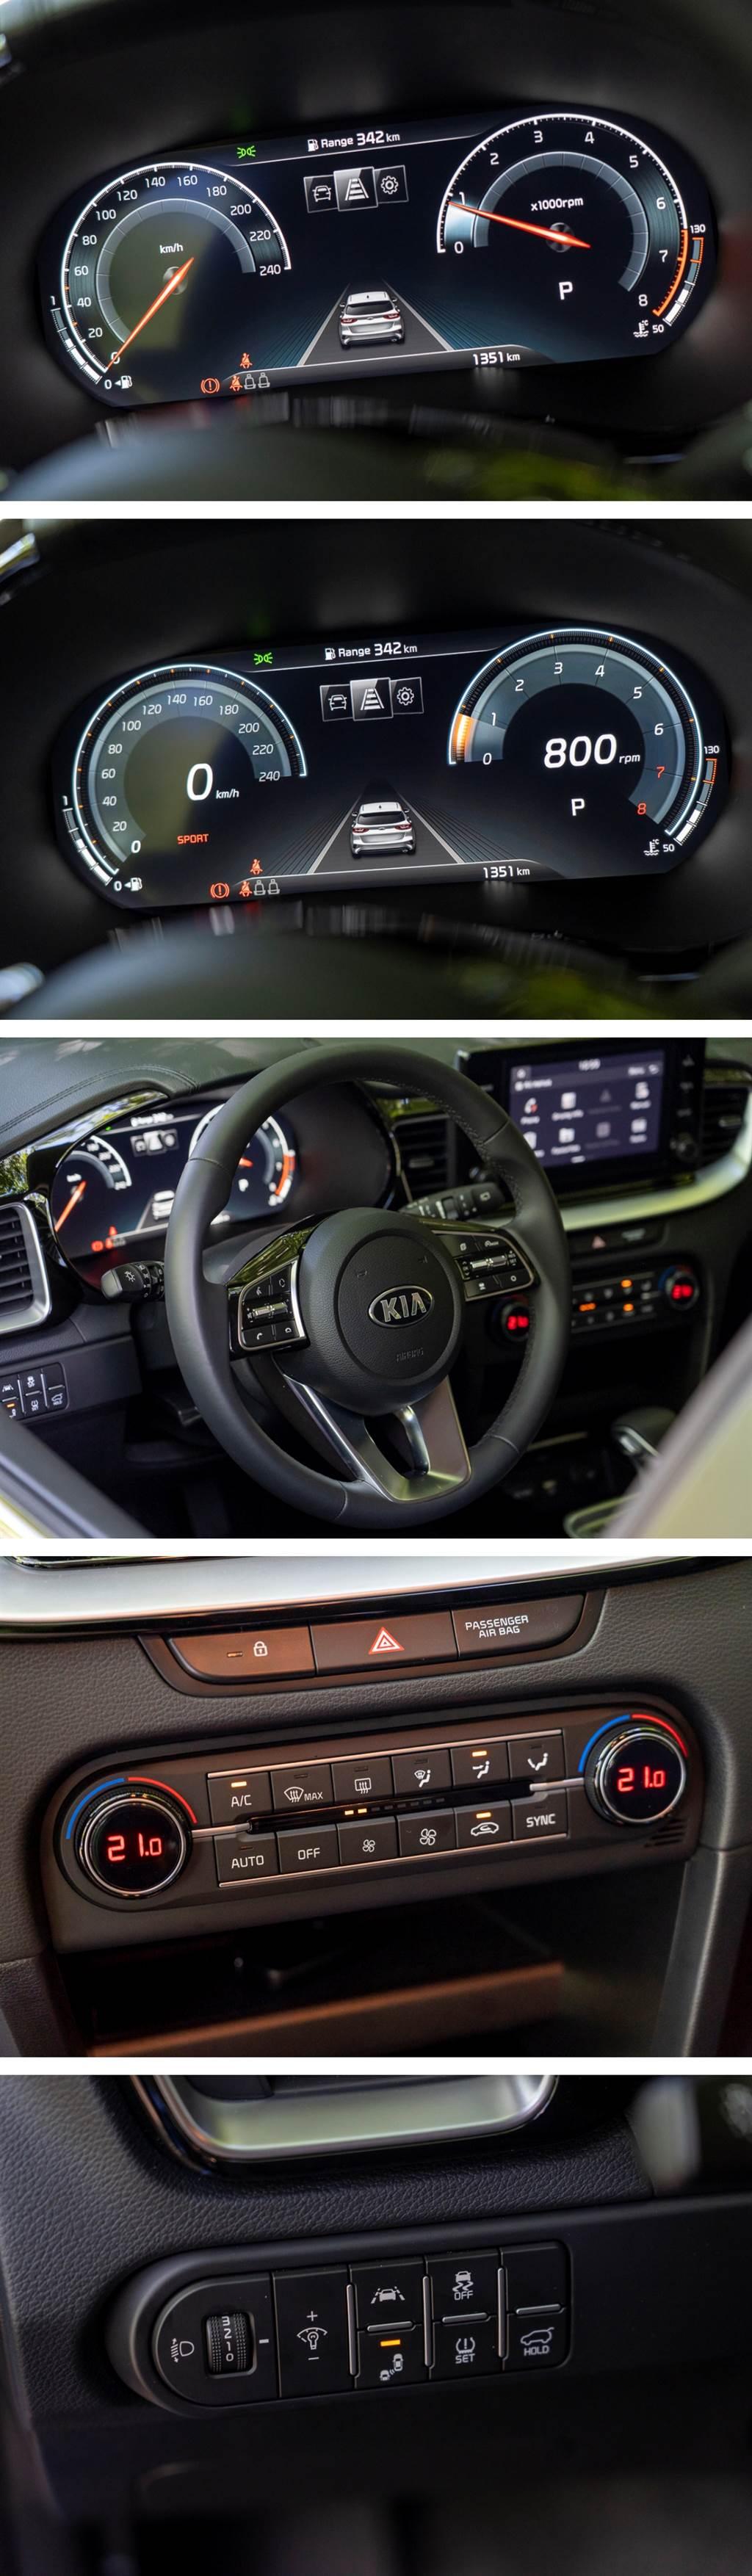 擁有純正歐系血統的高機能轎旅 KIA Ceed Sportwagon試駕(圖/CarStuff)